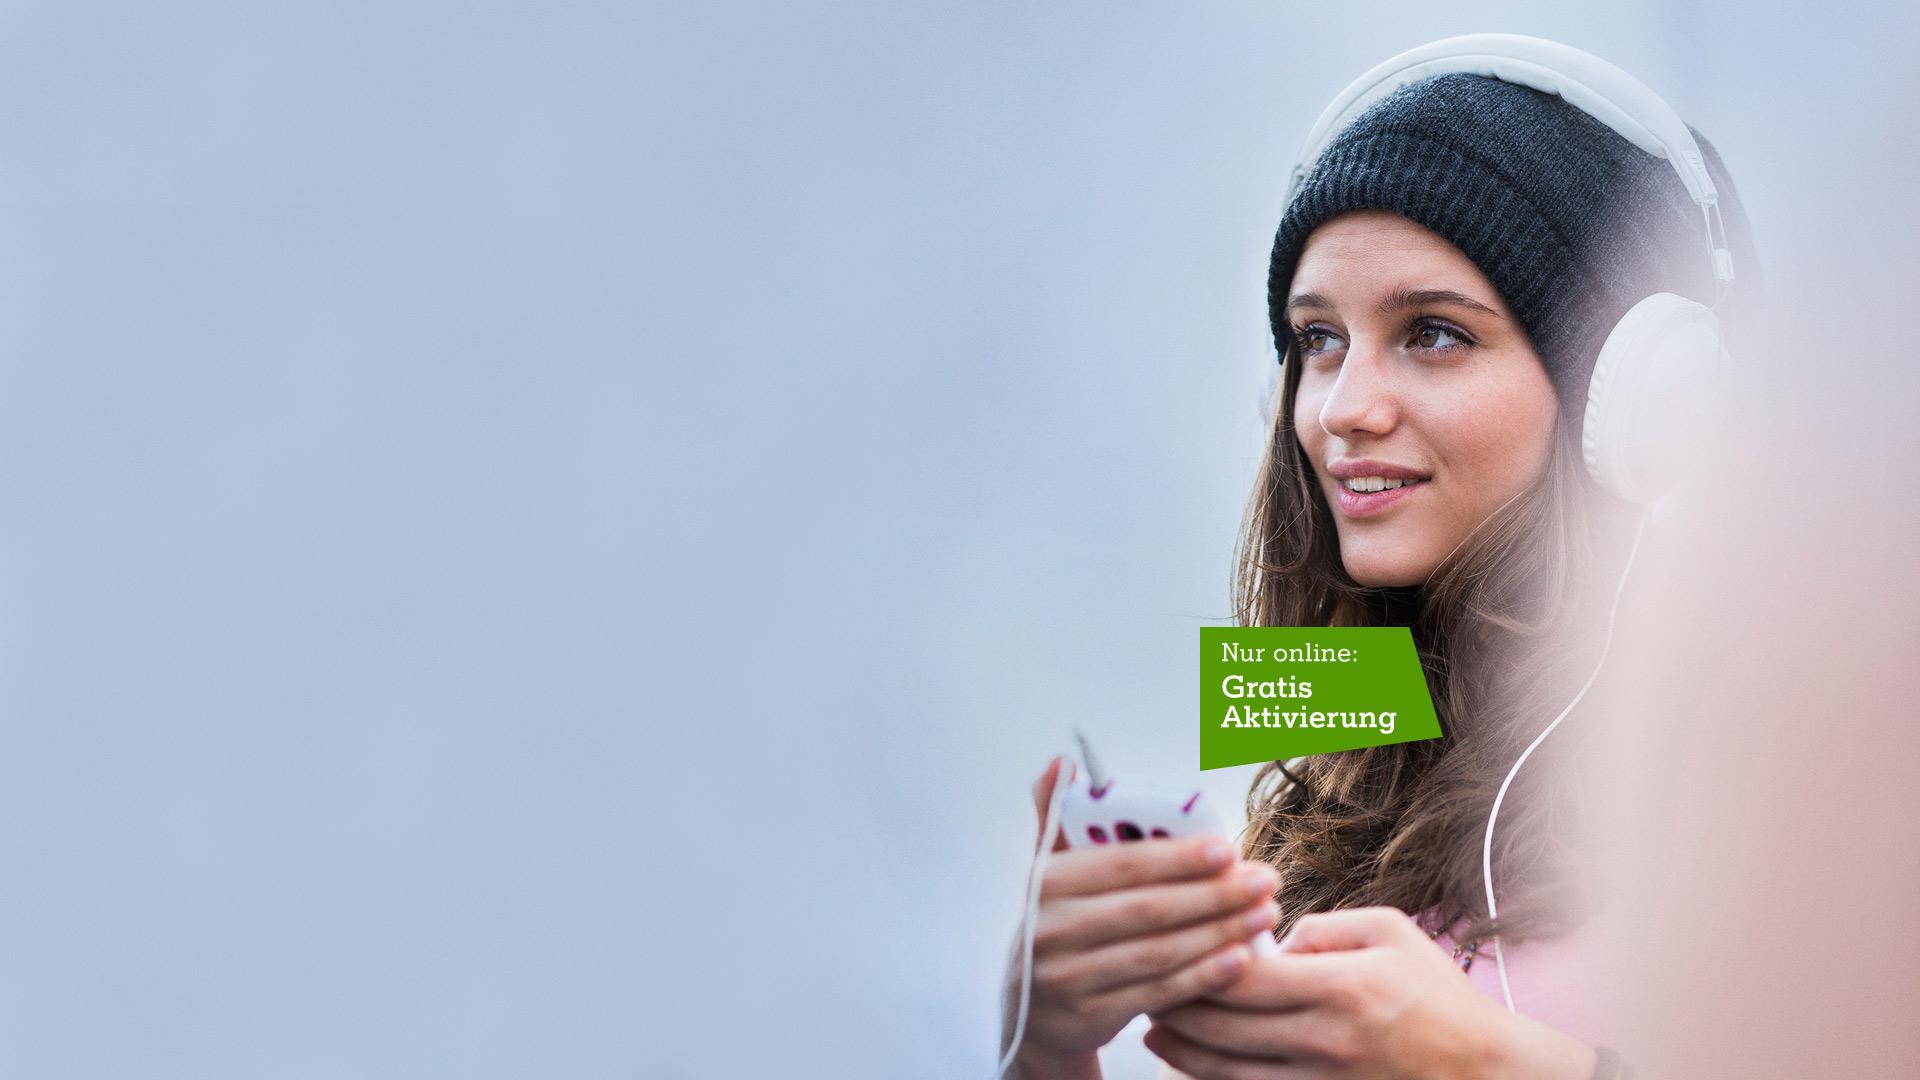 Junge Frau mit Smartphone und Kopfhörern